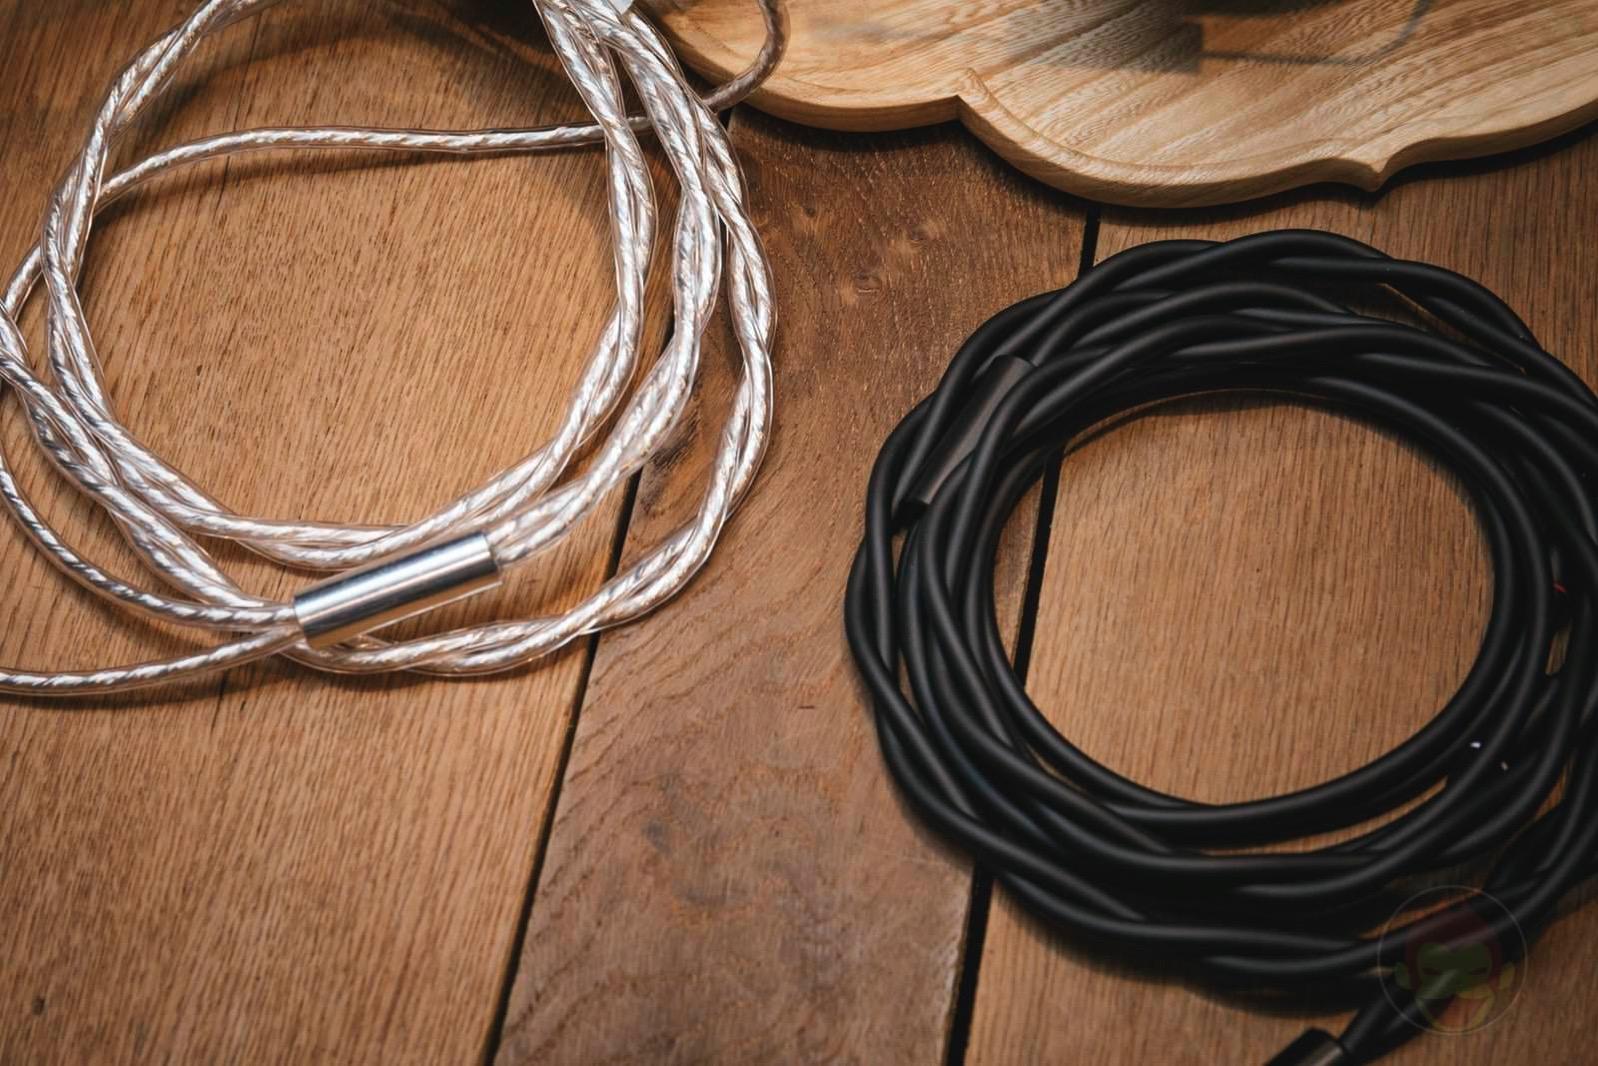 Final-Audio-Design-Headphones-and-Earphones-05.jpg